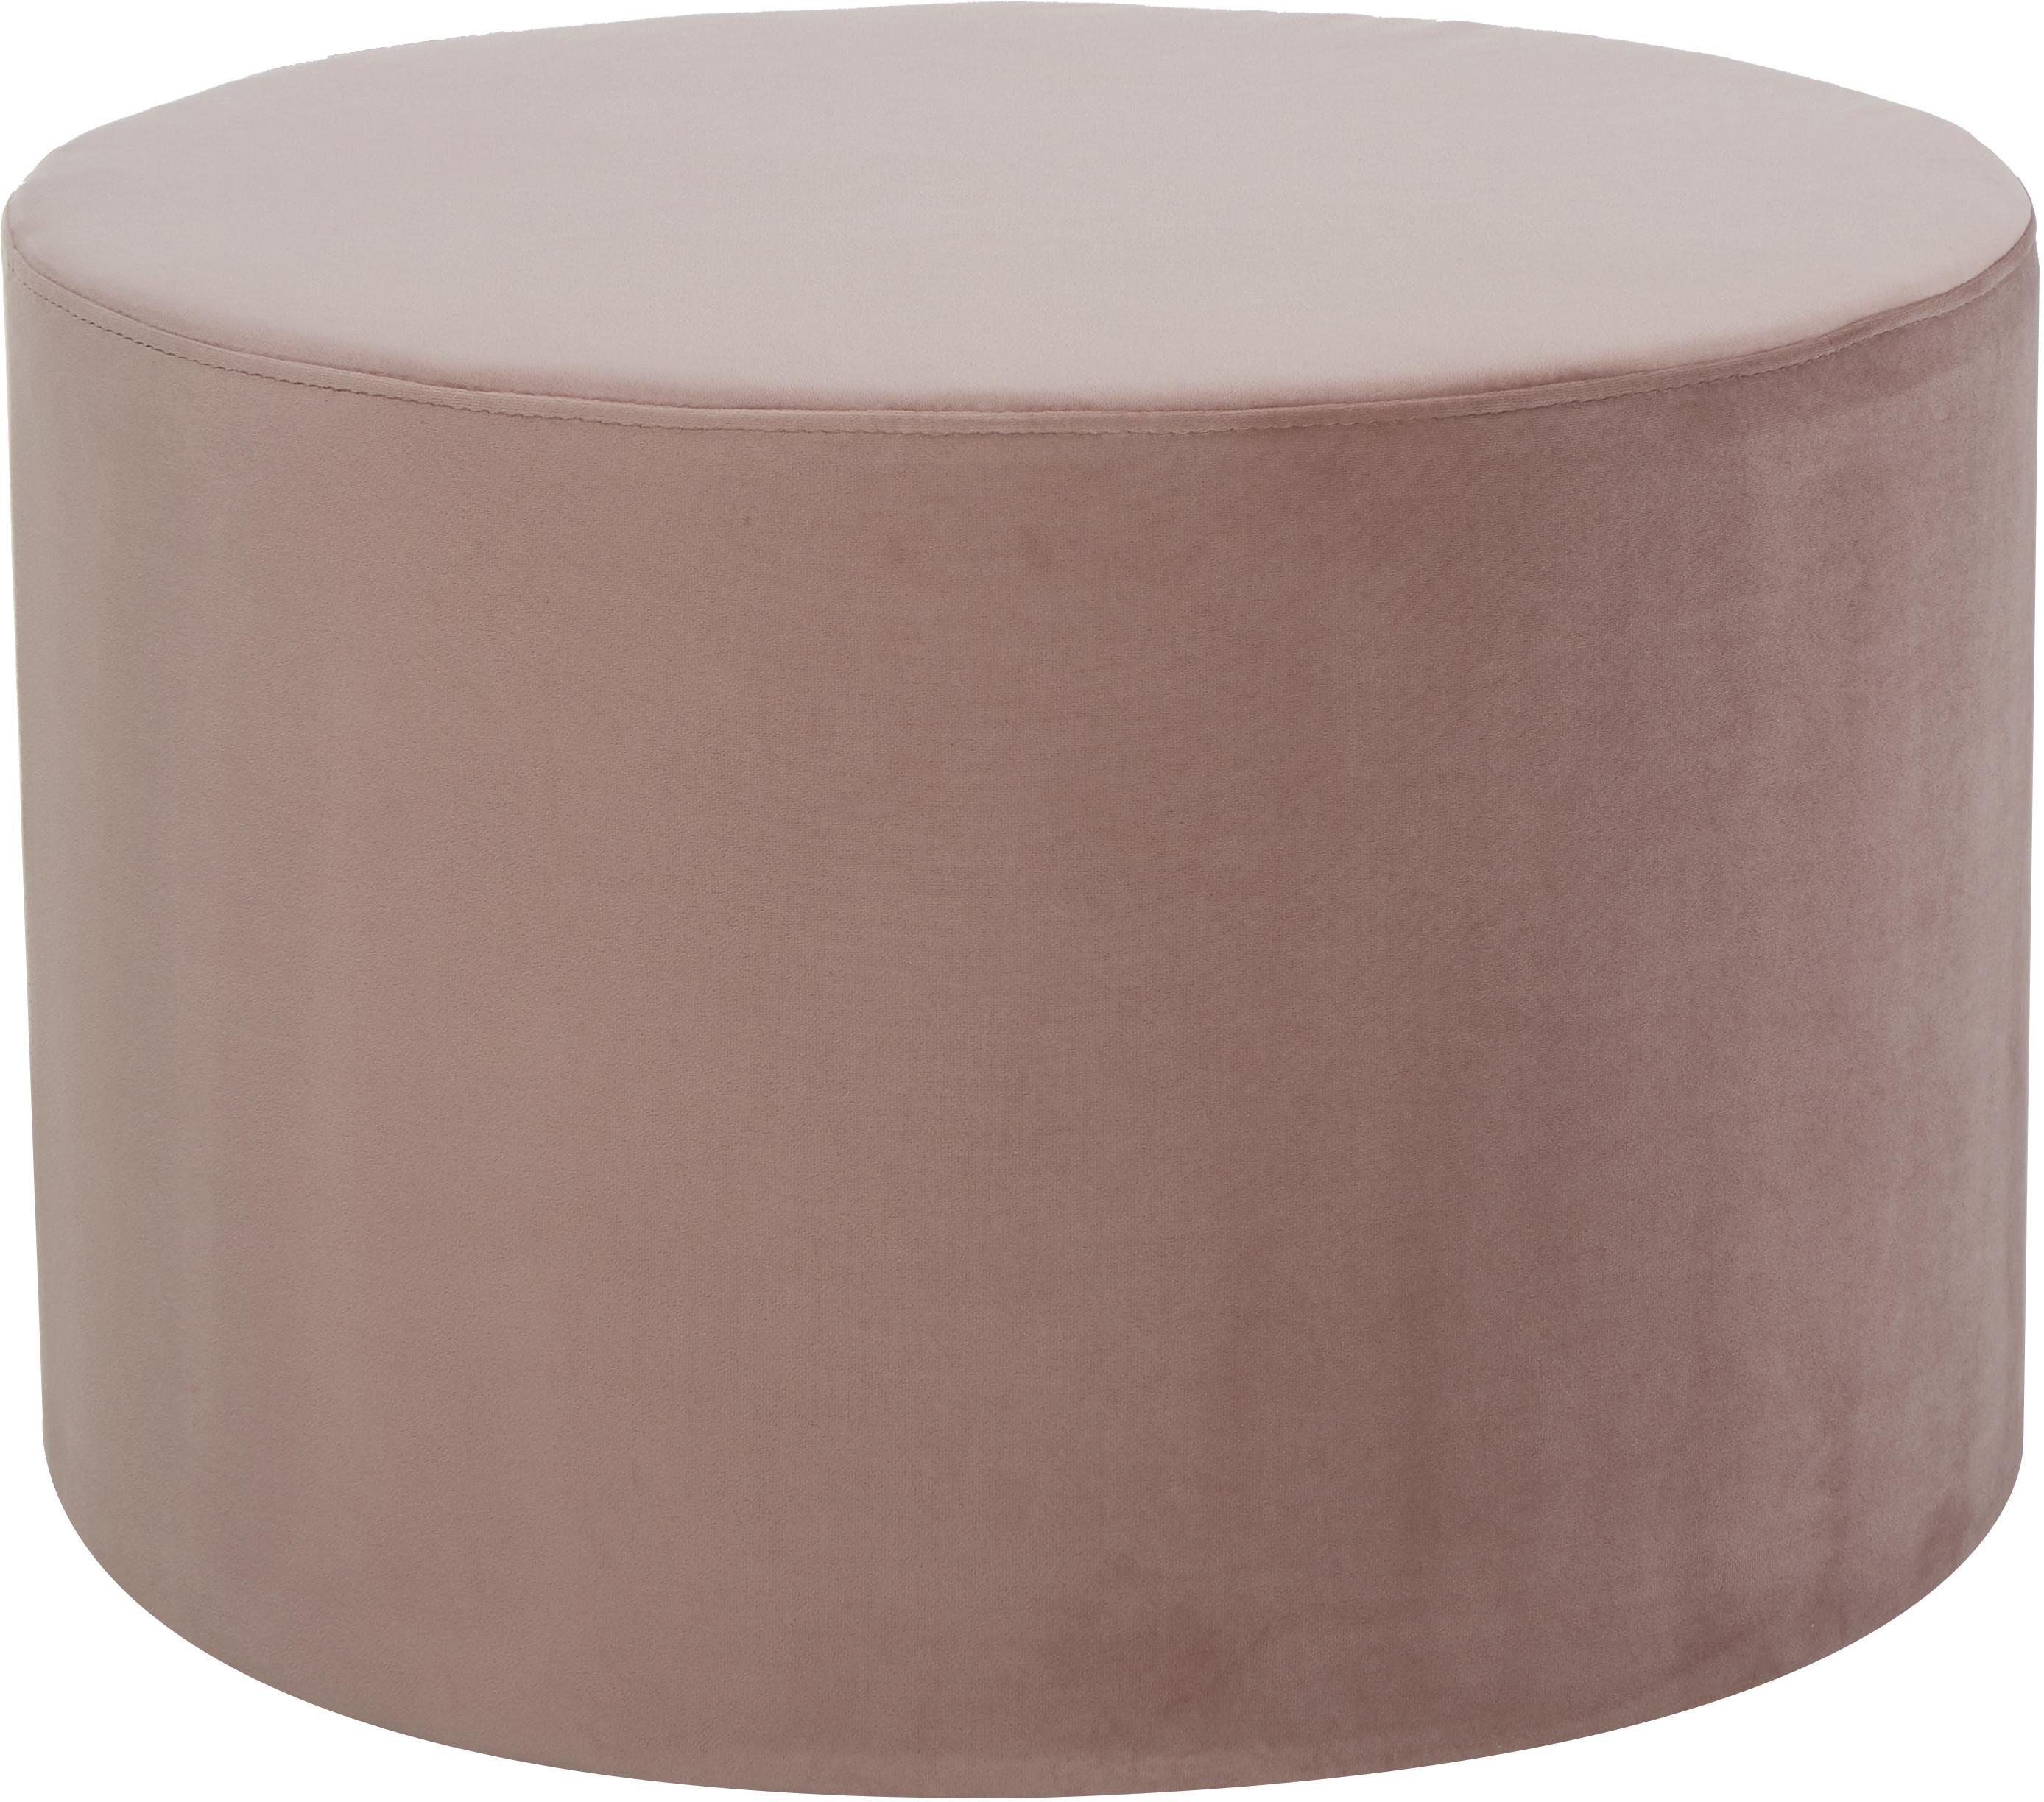 Puf de terciopelo Daisy, Tapizado: terciopelo (poliéster) Al, Estructura: tablero de fibras de dens, Rosa, Ø 54 x Al 40 cm